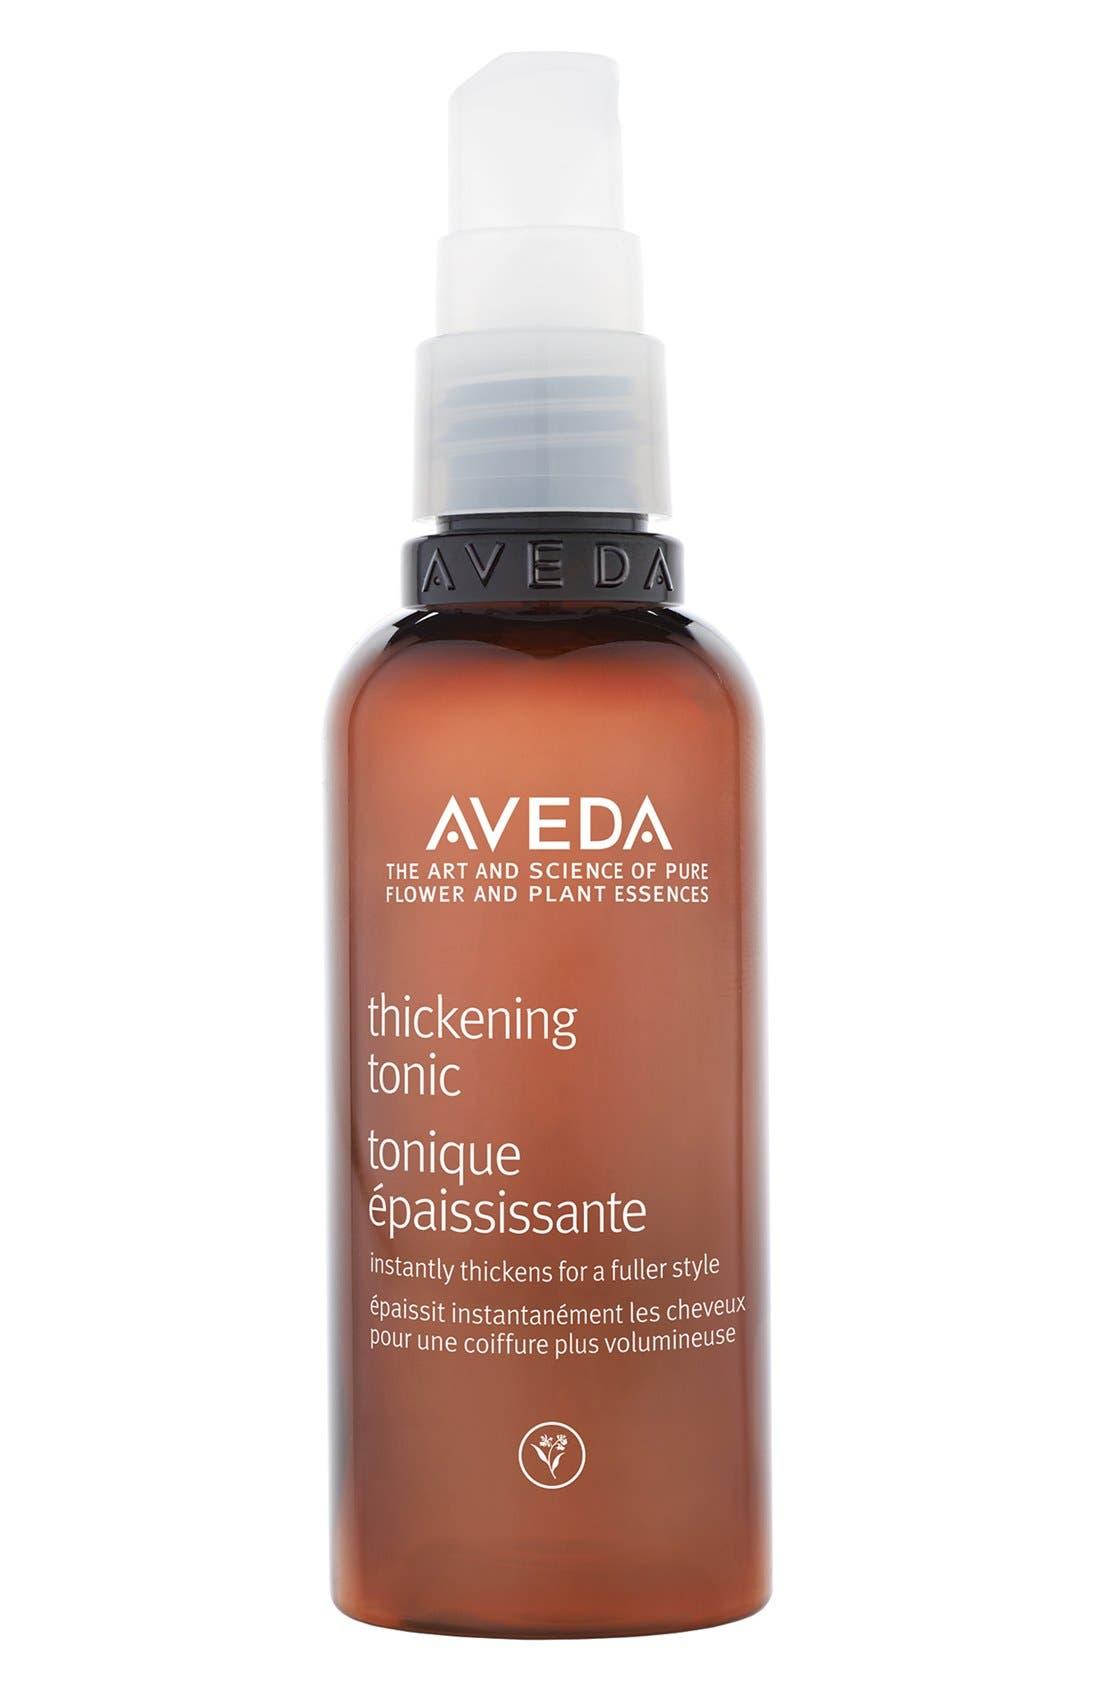 Aveda Thickening Tonic